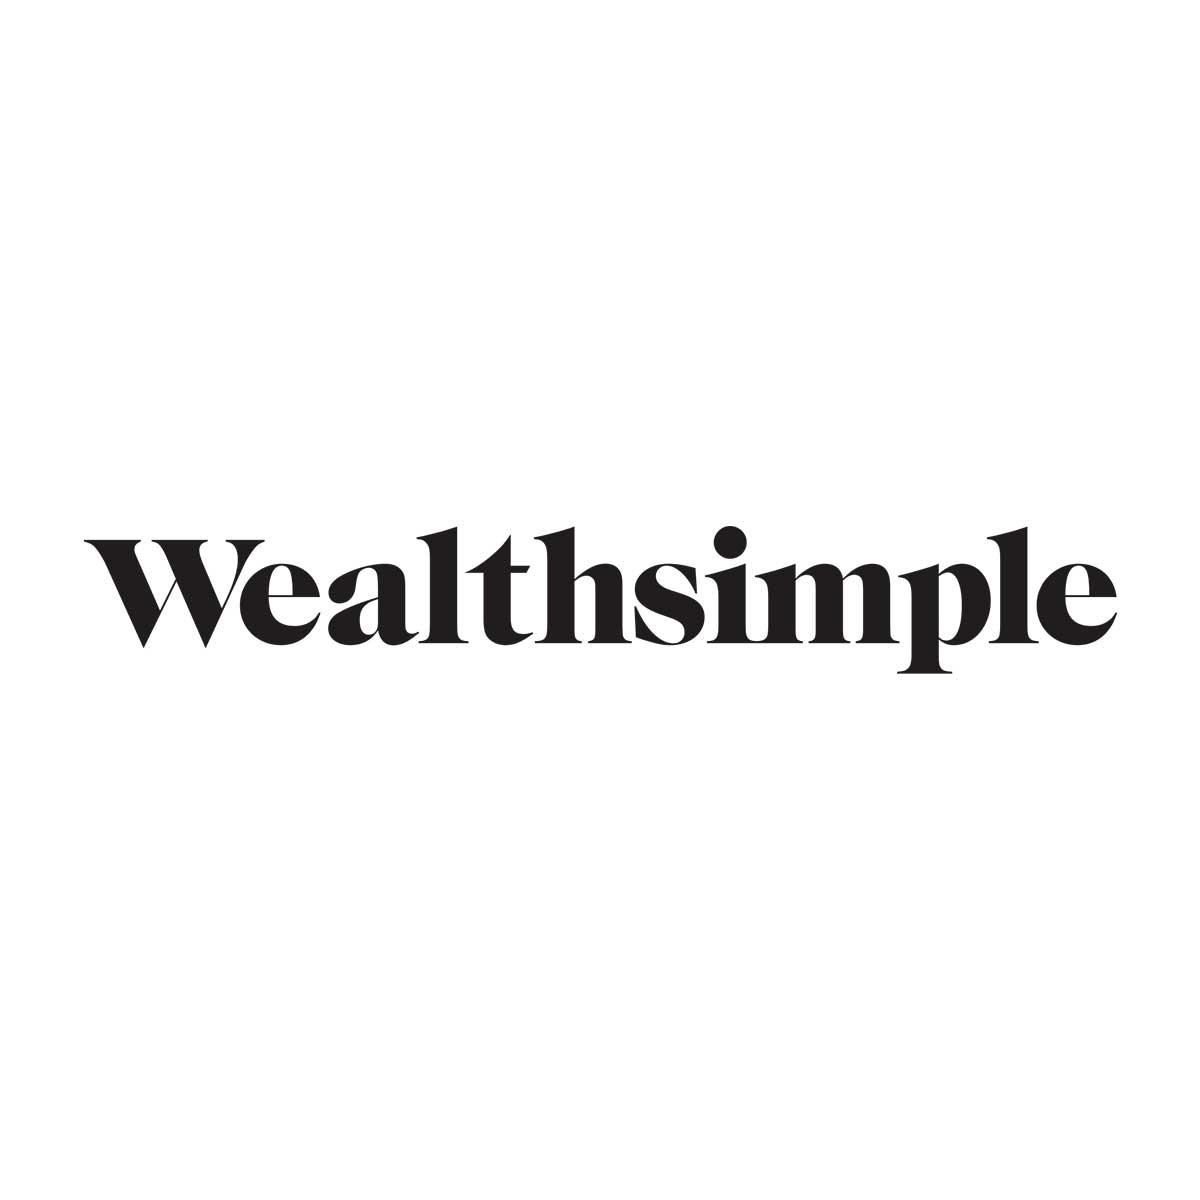 Wealthsimple.jpg